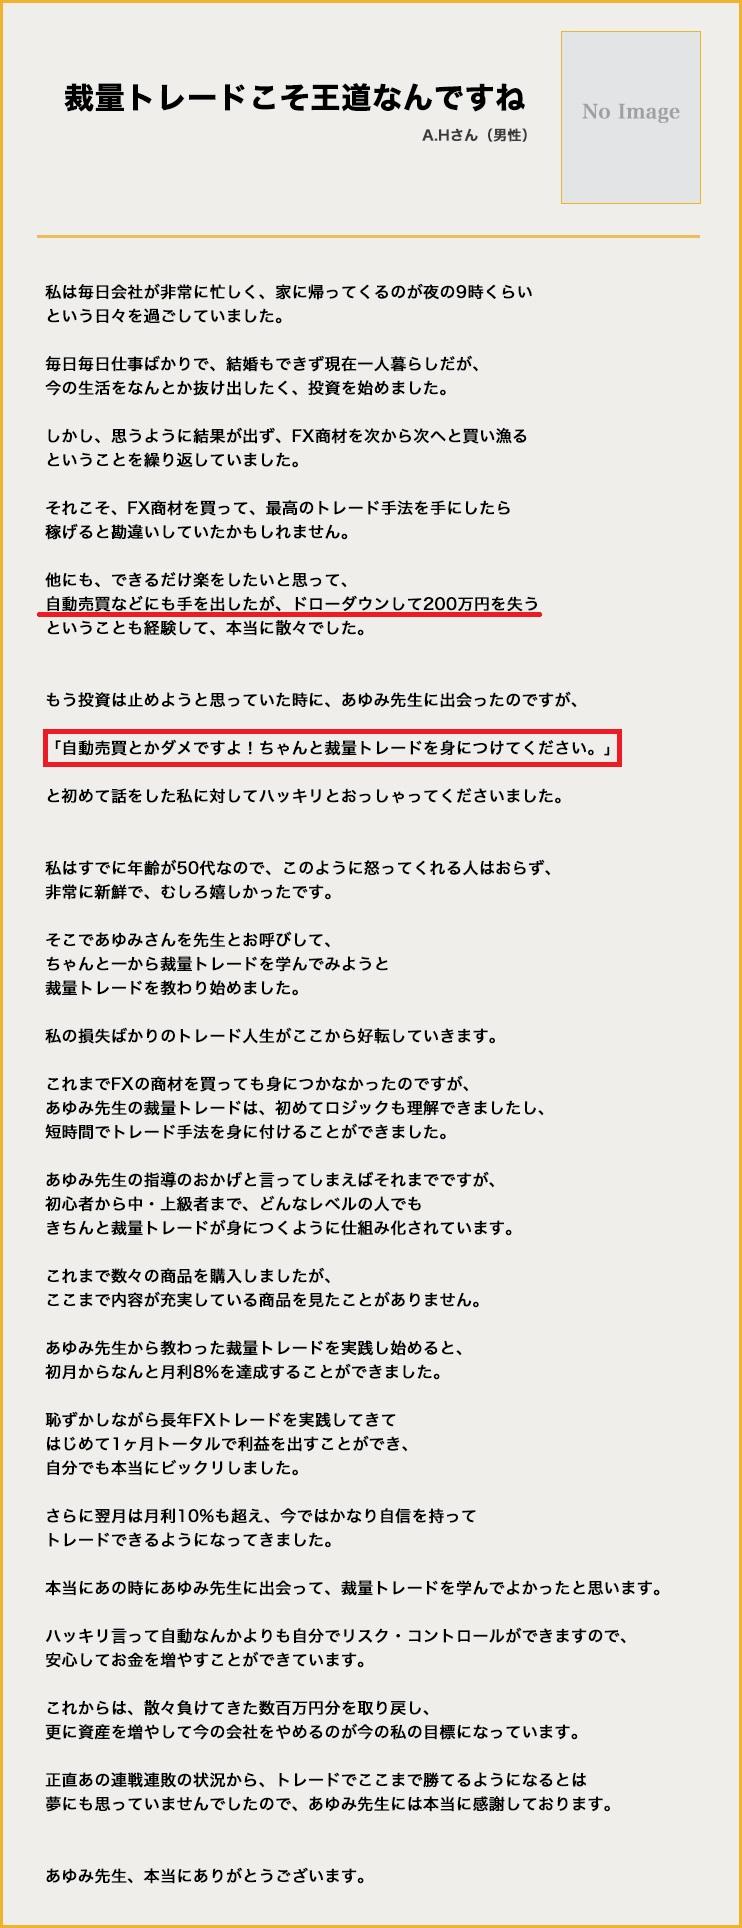 あゆみ式 A Teachert FX Academy自動売買